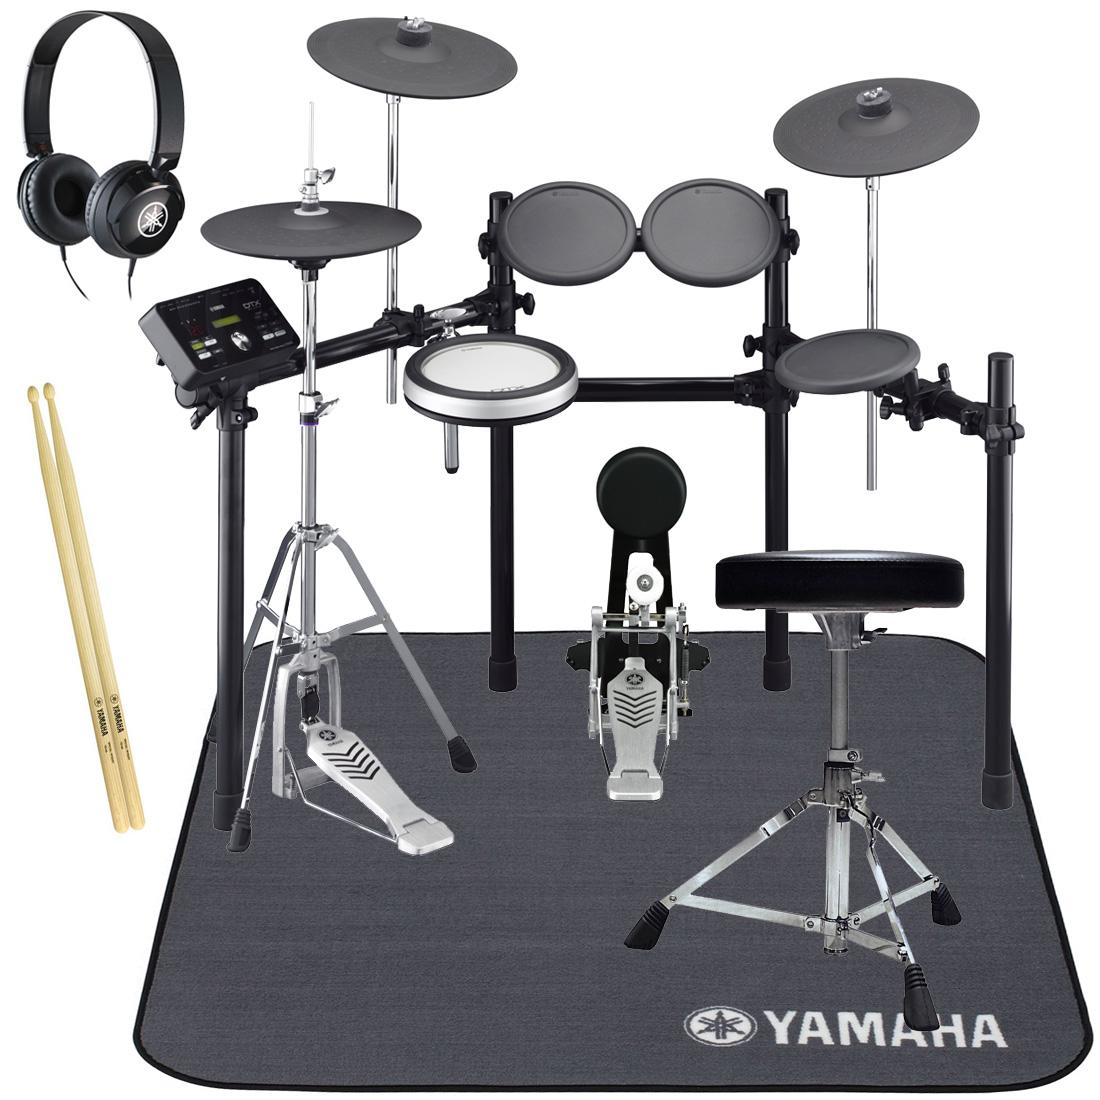 YAMAHA 電子ドラム DTX532KFS オールヤマハ 純正スターターパック/ドラムマットセット【YRK】